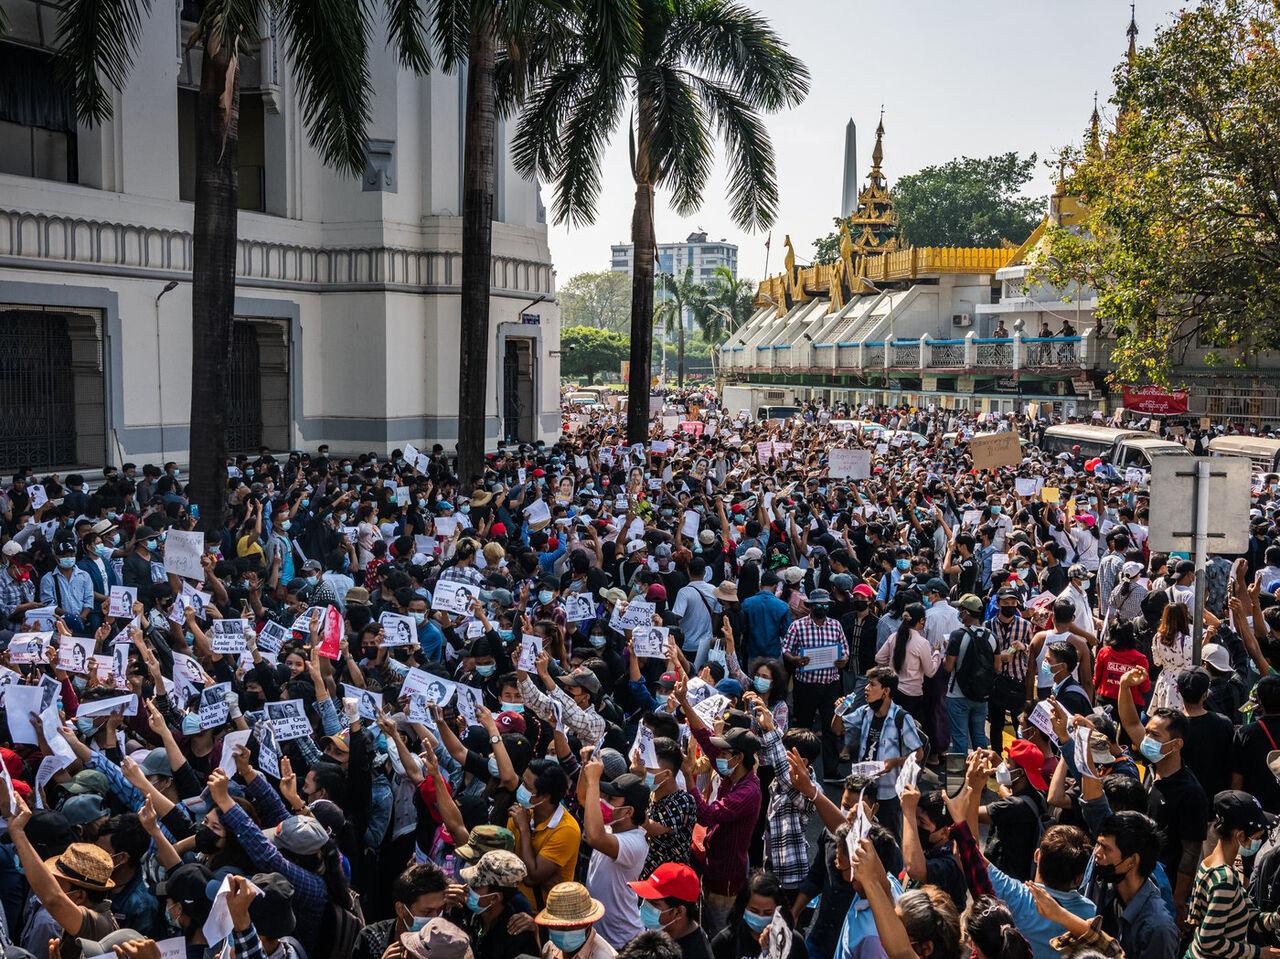 اعتراضات فعالان میانماری همچنان ادامه دارد